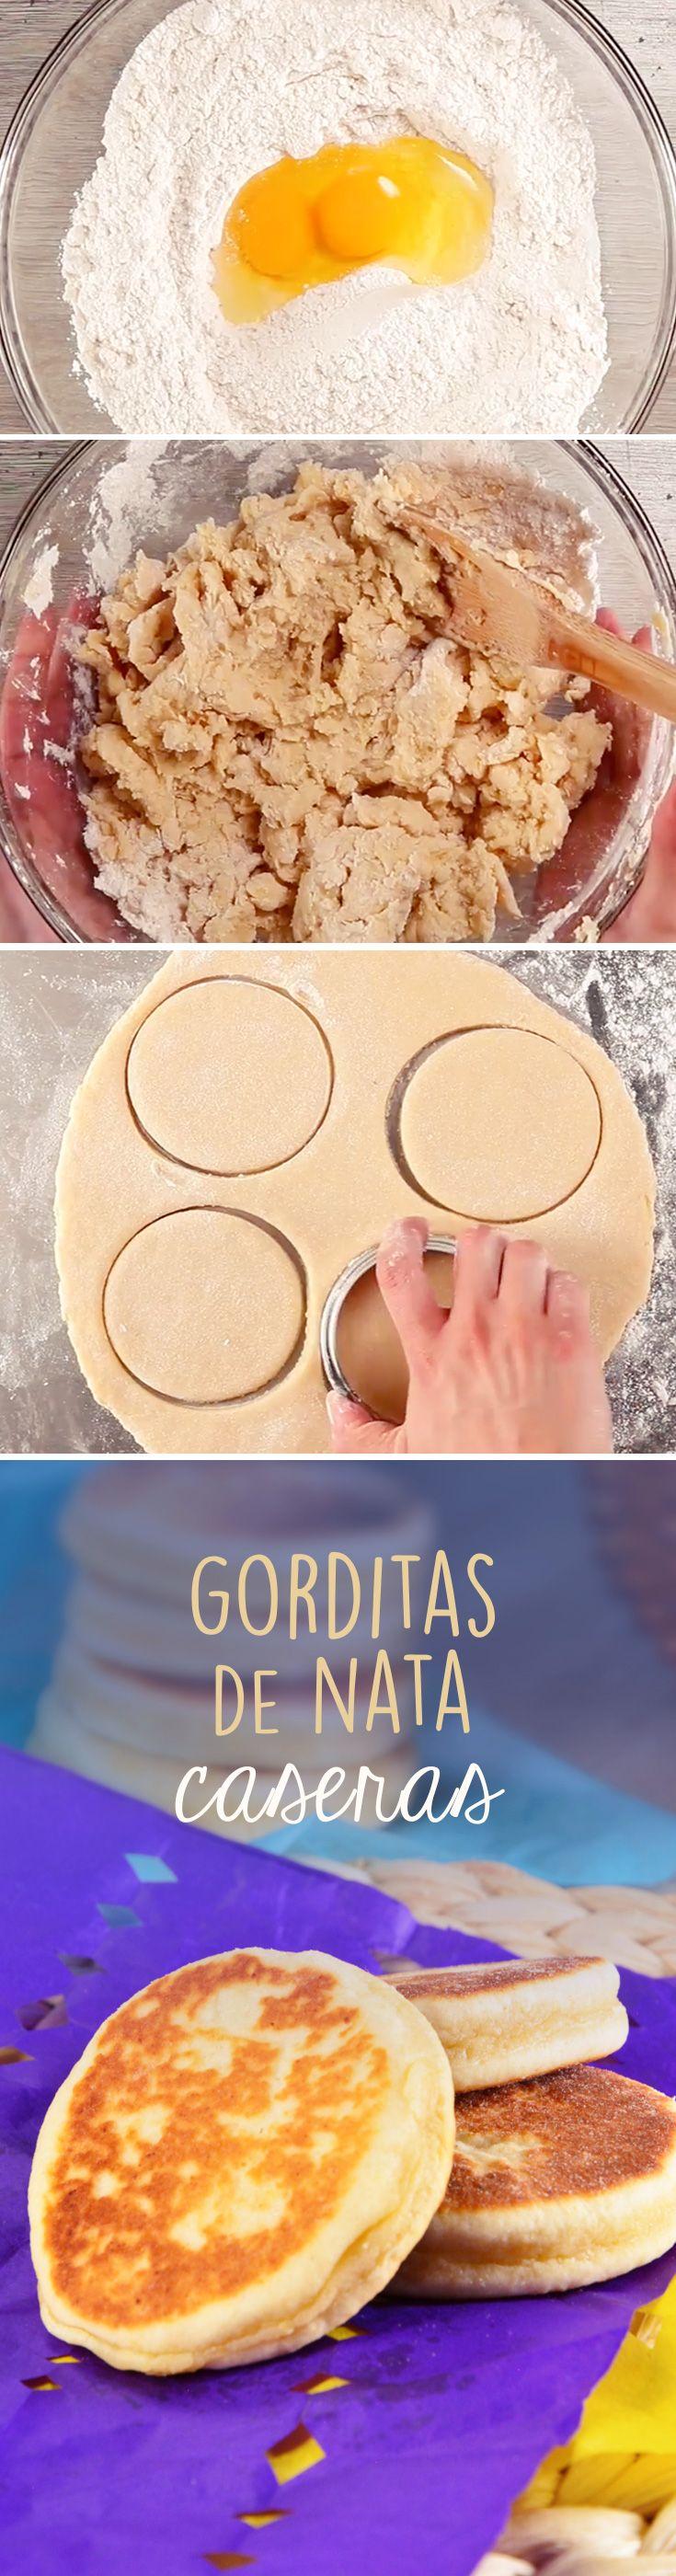 Gorditas de nata caseras para #cuaresma. Este pan se hace a sartén y queda doradito, por lo que no tendrás que preocuparte por hornear.